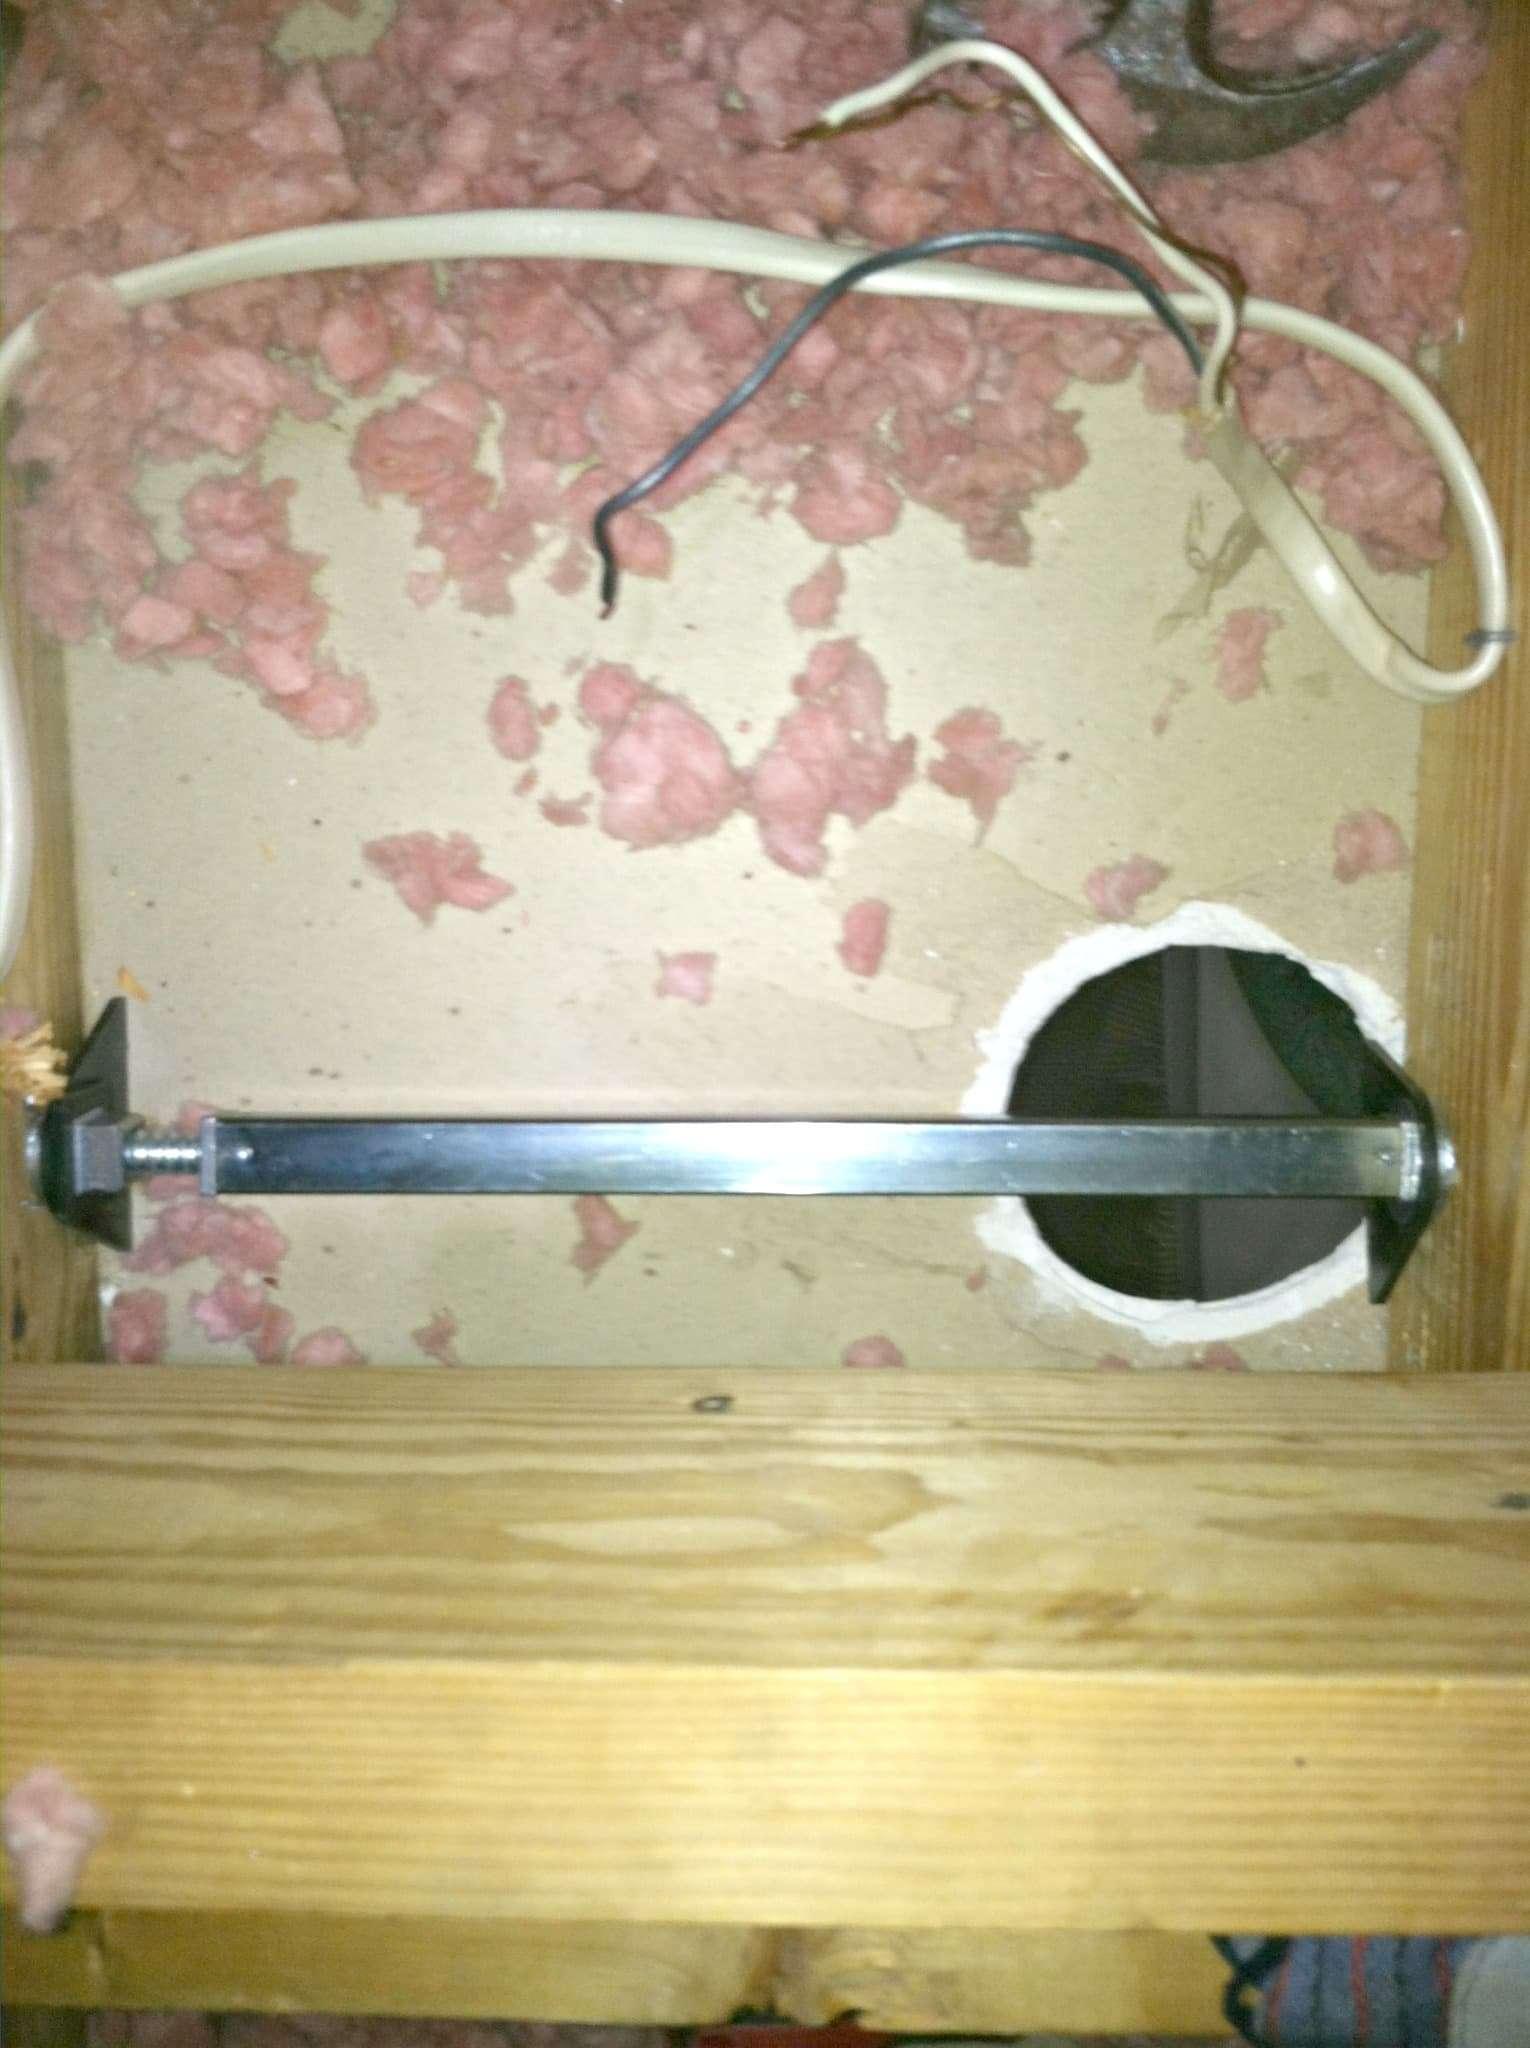 Ceiling fan brace ceiling fan brace aloadofball Image collections